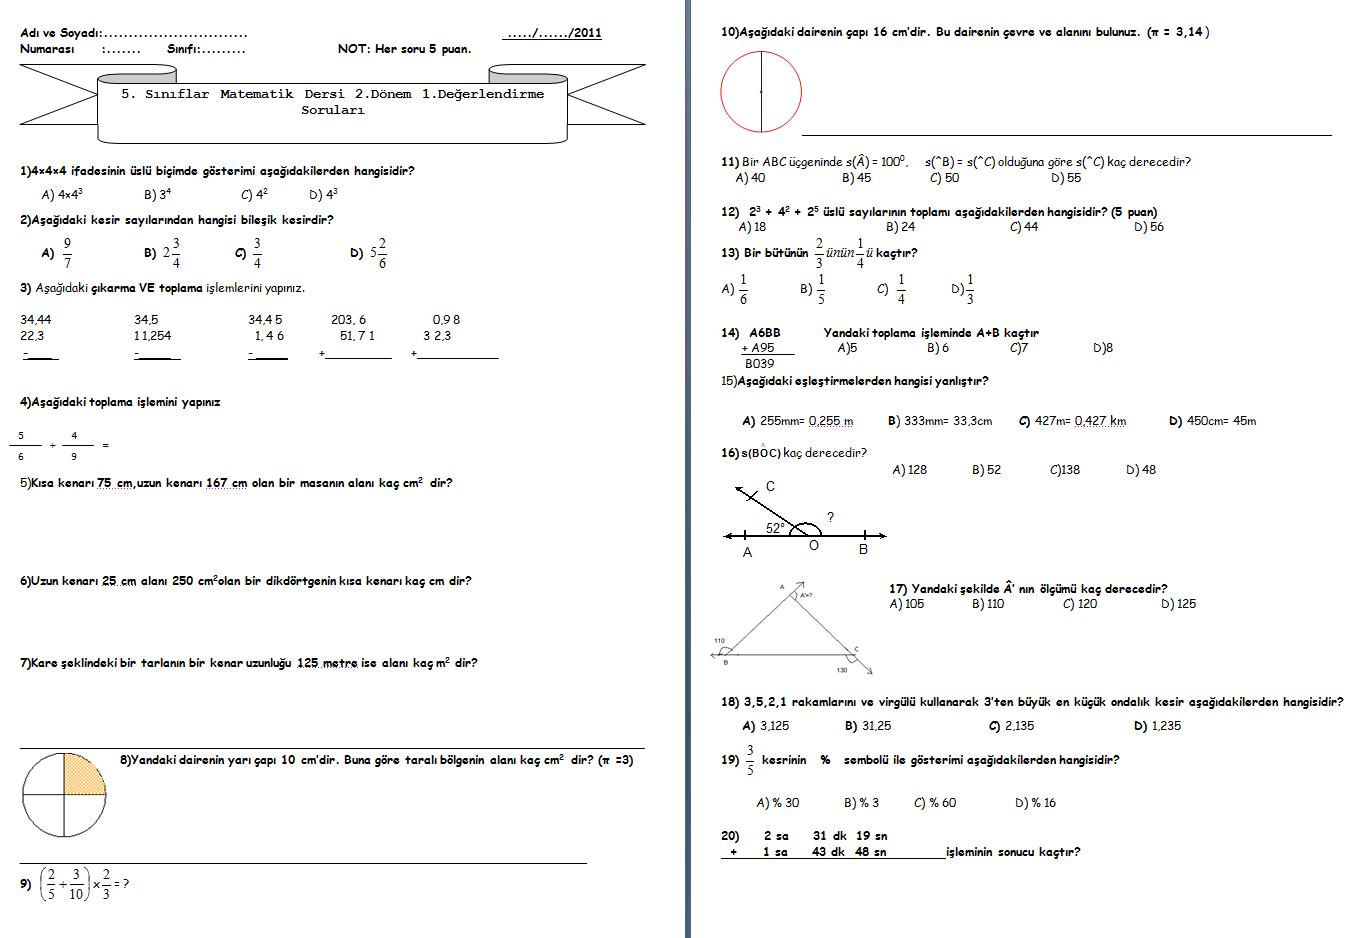 Sınıf matematik 2 dönem 1 yazılı 5